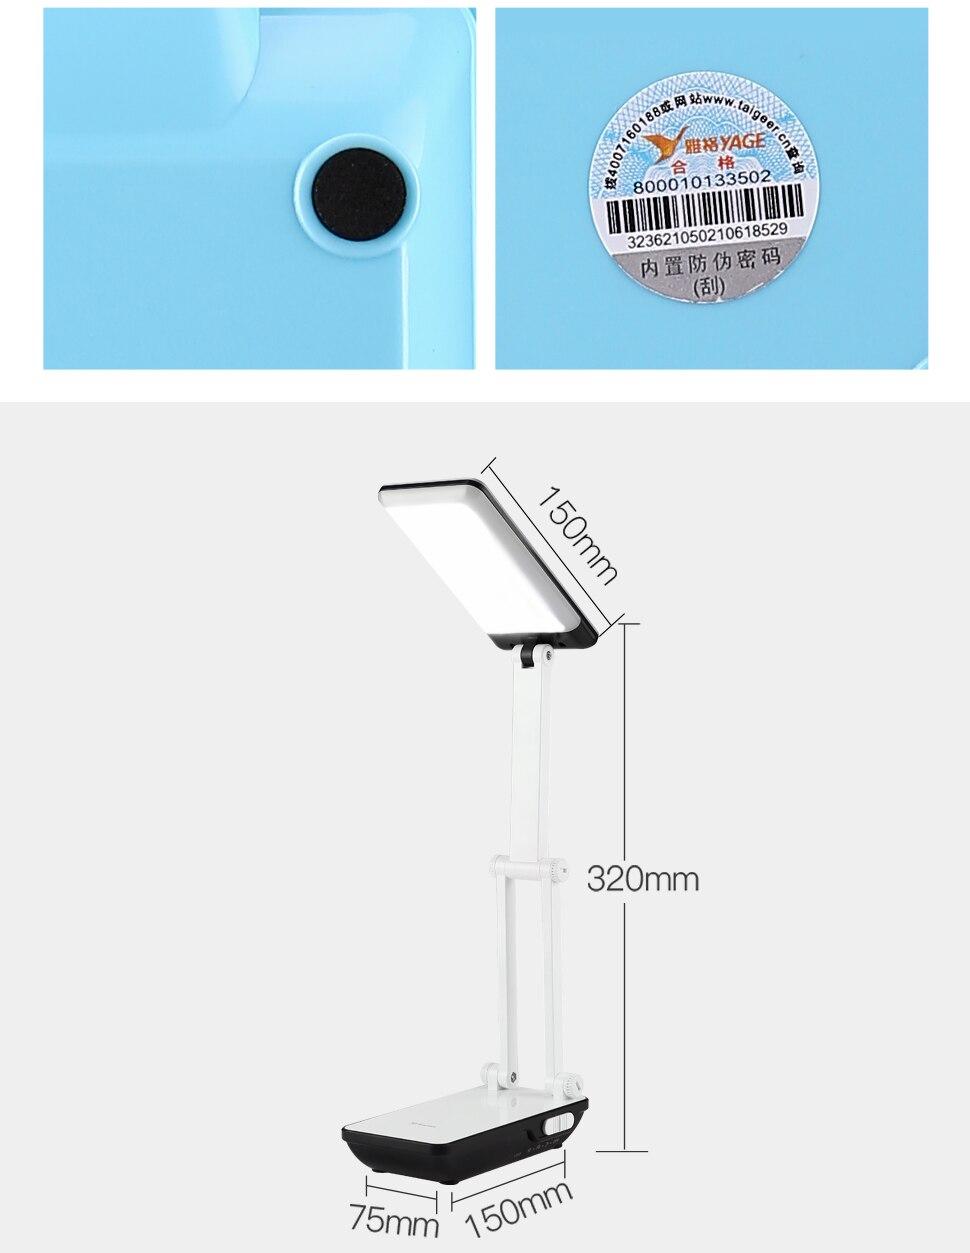 YAGE Led Desk Lamps Night Light Foldable LED Table Lamp 1050mAh Battery in Table Light Flexible Three Modes Mini Lamp Flash Deal 18